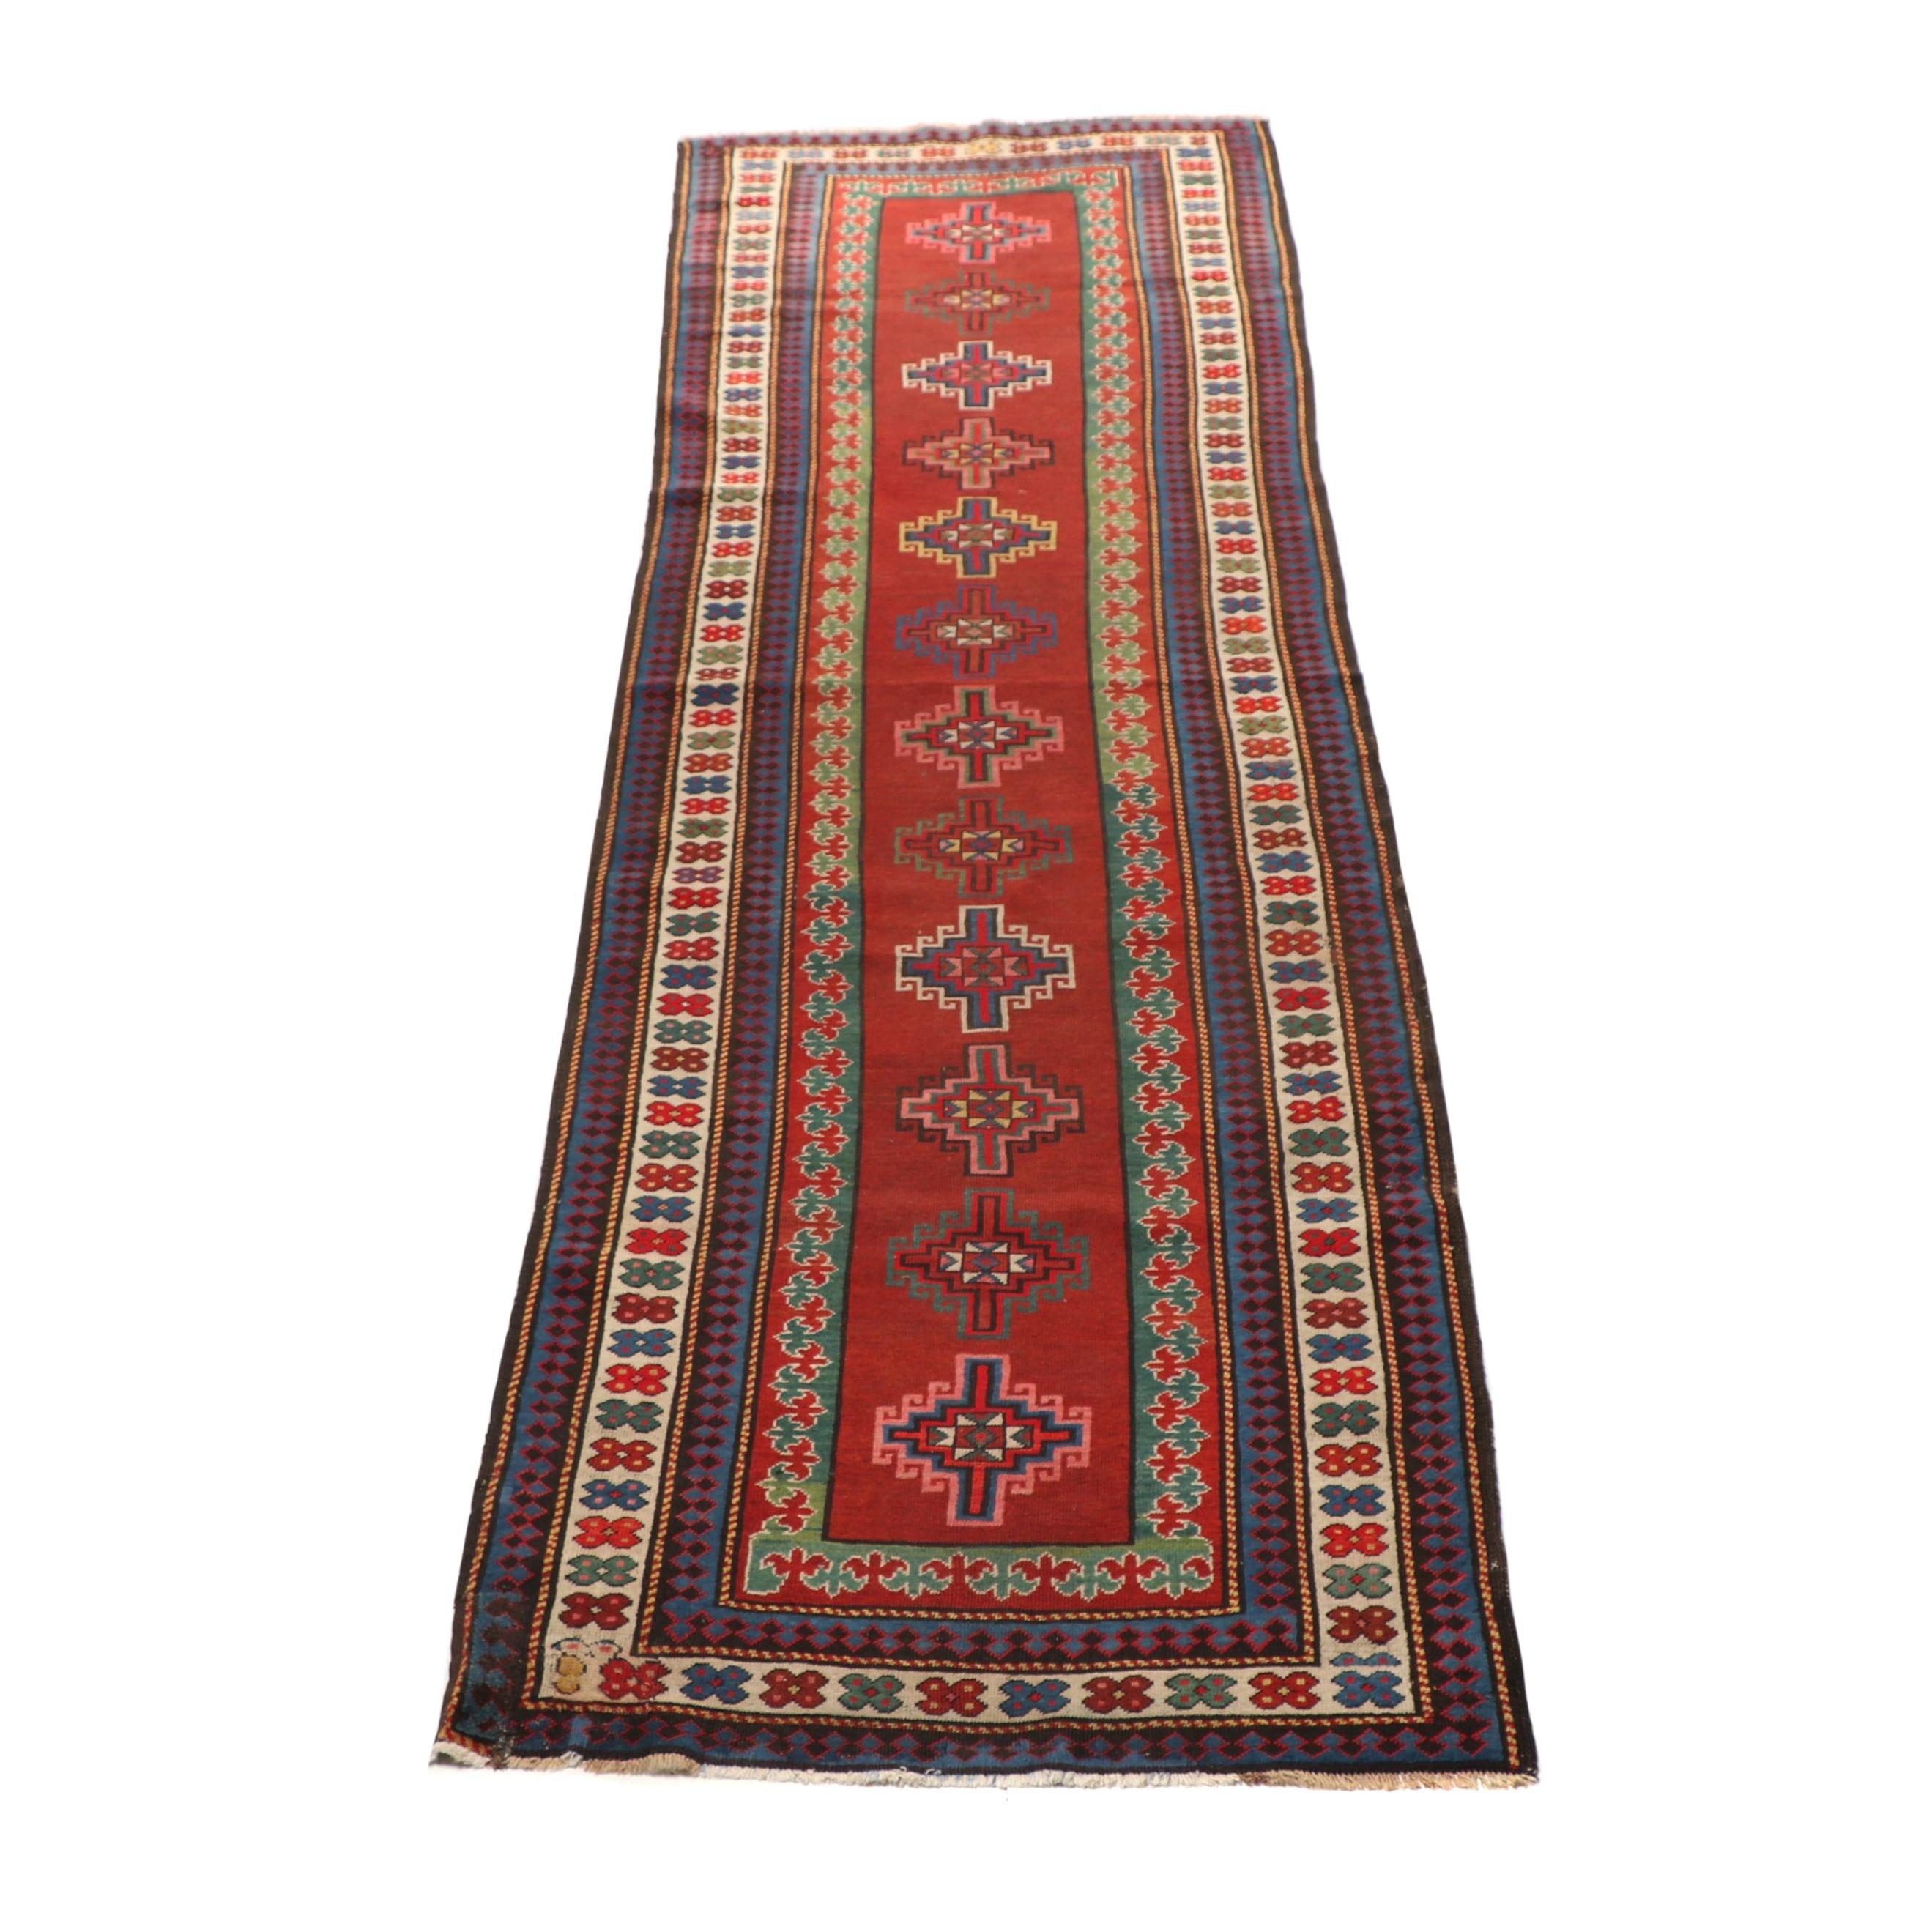 Hand-Knotted Russian Kazak Wool Carpet Runner